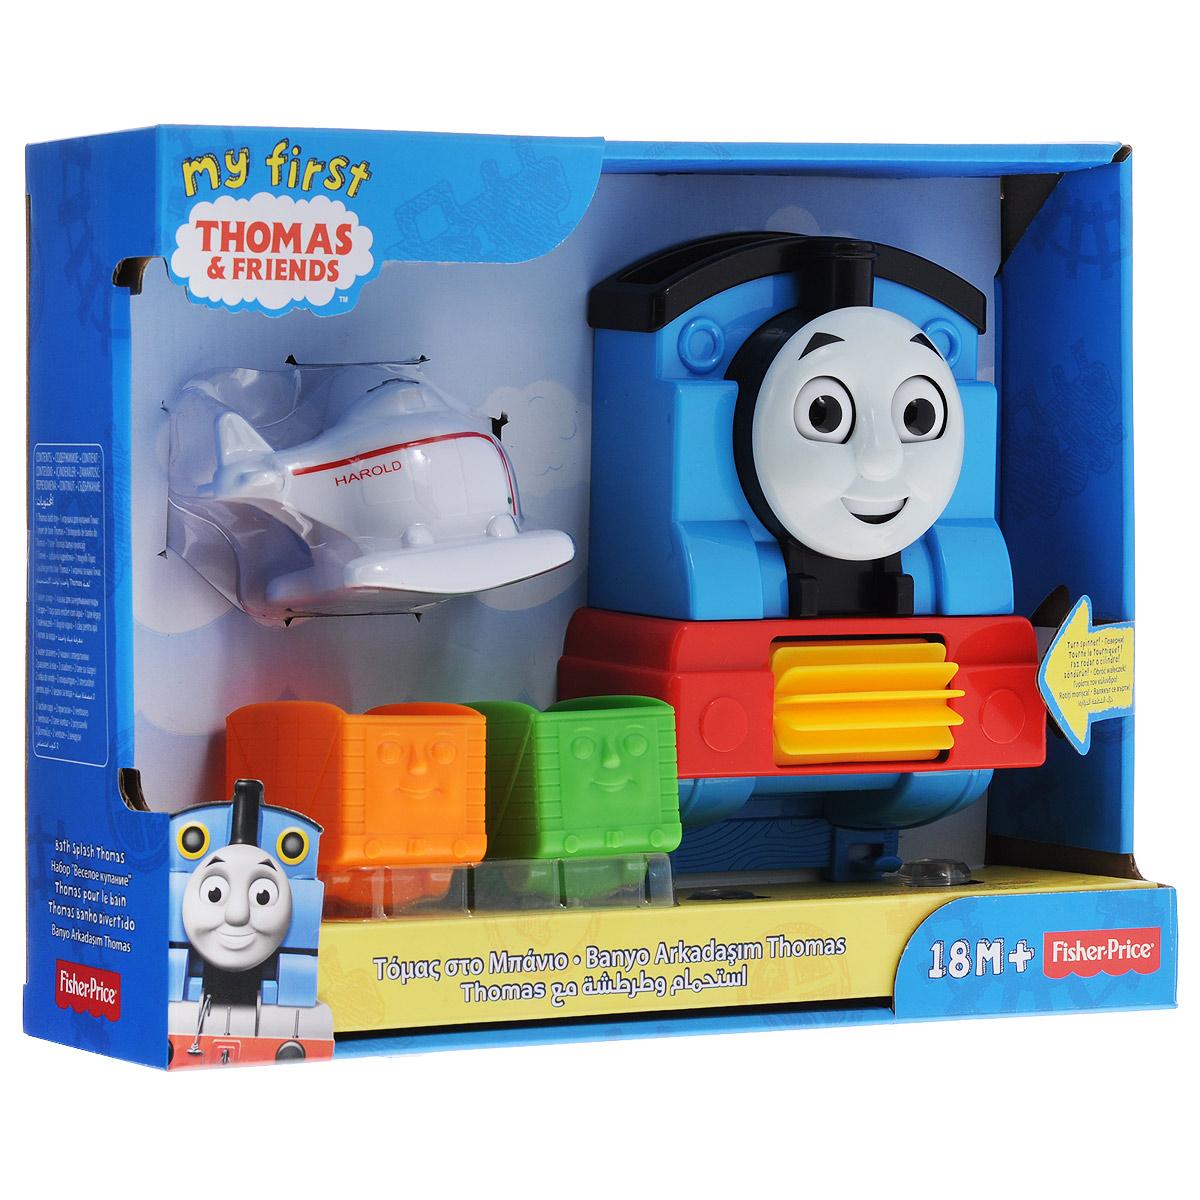 Thomas&Friends Игровой набор Веселое купаниеCDN11Игровой набор Thomas&Friends Веселое купание поможет вам превратить любое купание малыша в веселую и увлекательную игру. Набор выполнен из безопасного пластика и включает в себя игрушку в виде передней части паровозика Томаса с вертушкой, две присоски для закрепления игрушки, чашка для зачерпывания воды в виде вертолетика без винта и два вагончика с отверстиями в дне. Если налить воду в верхнюю часть игрушки, глаза и рот Томаса, а также вертушка придут в движение. Игрушка надежно крепится к кафельной стене при помощи присосок и имеет специальные крючки, на которые можно подвесить вагончики. Игровой набор для ванны Thomas&Friends Веселое купание малыш полюбит купание, а также сможет узнать что-то новое, не вылезая из ванной! Порадуйте своего малыша таким замечательным подарком!